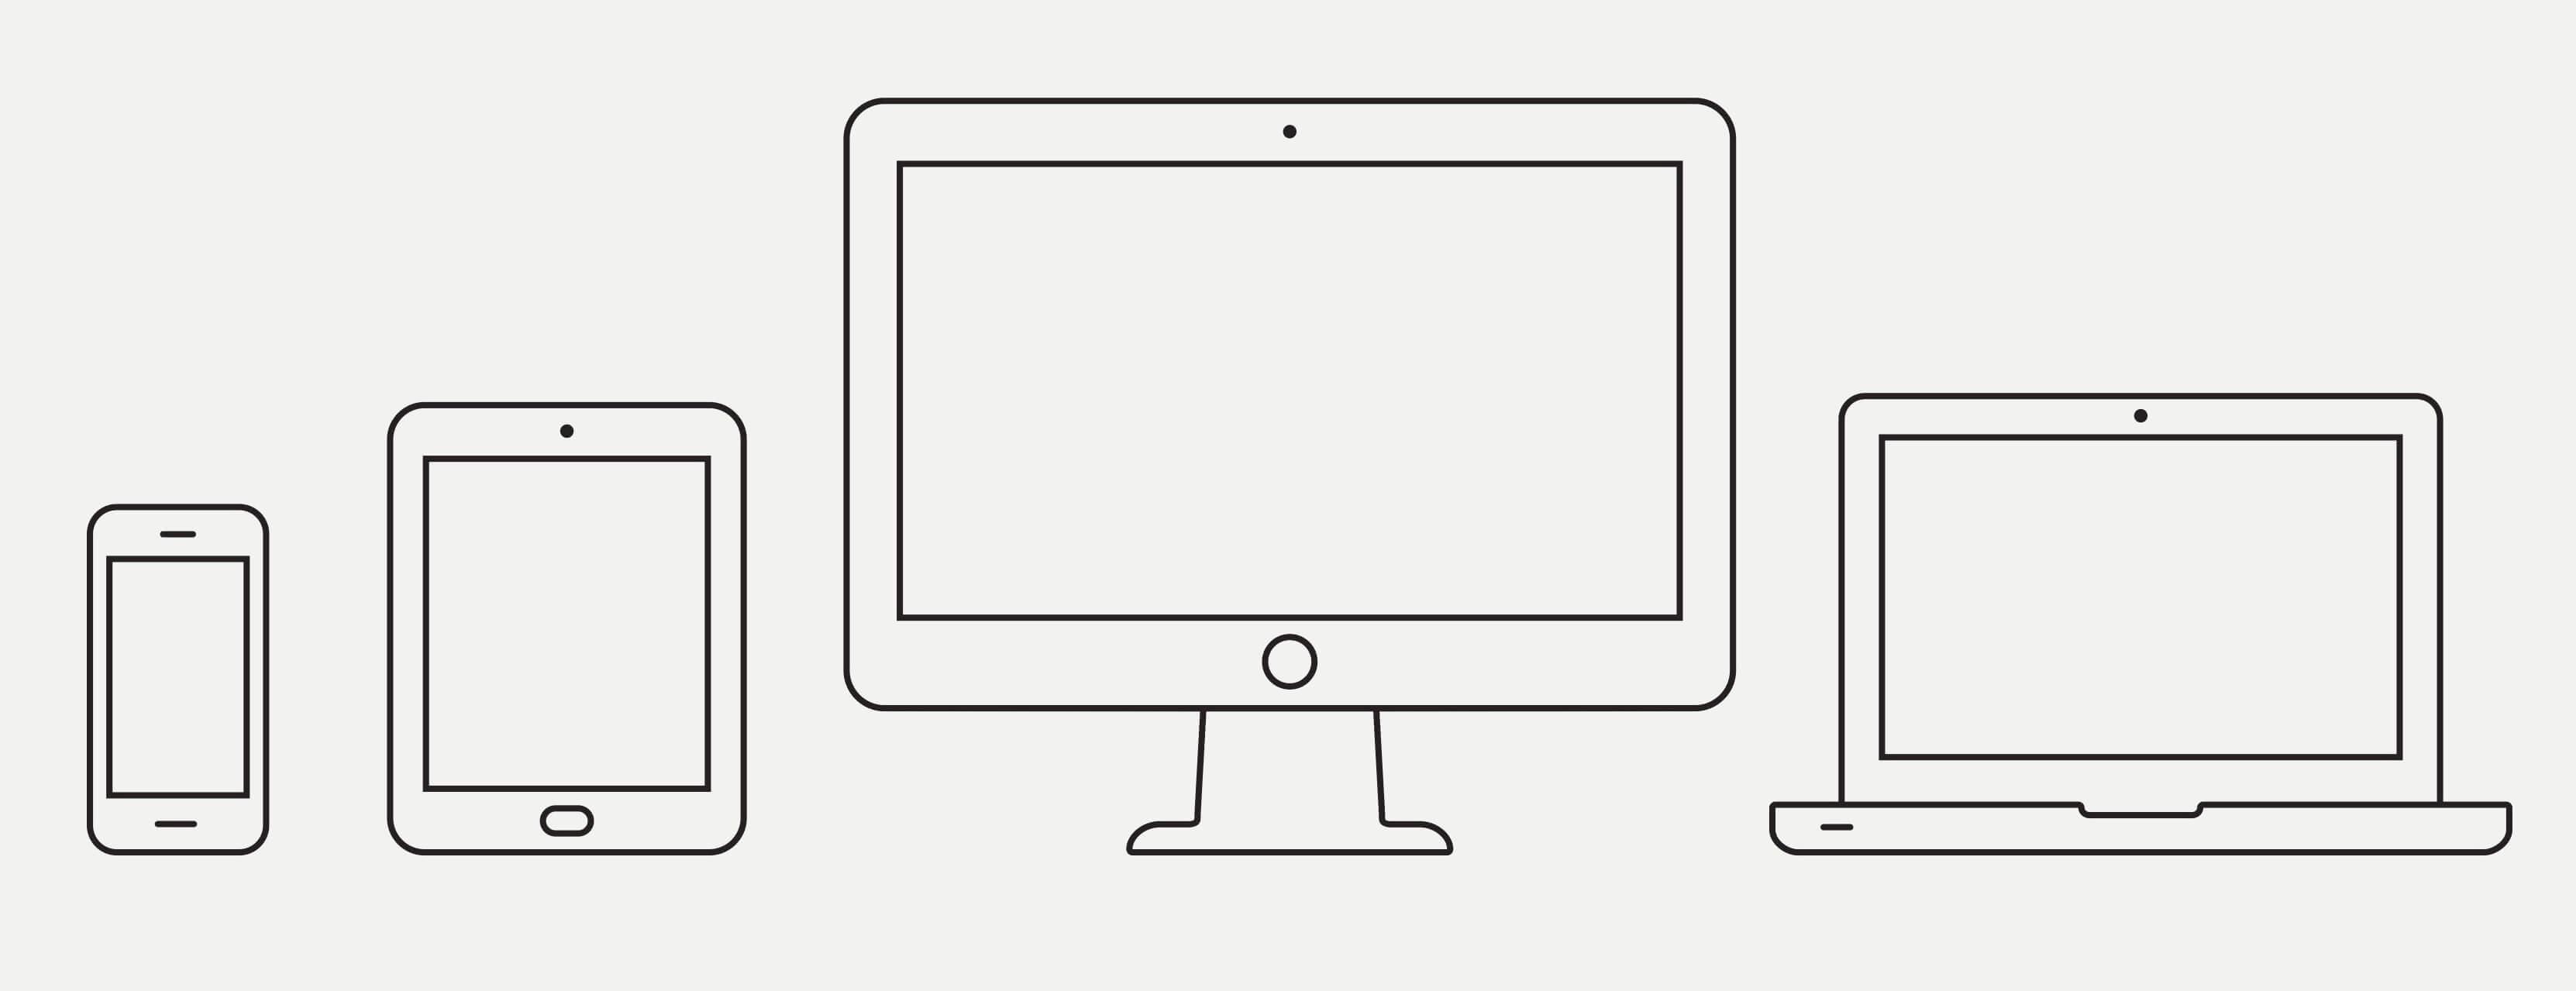 Platform demonstration blog post-1